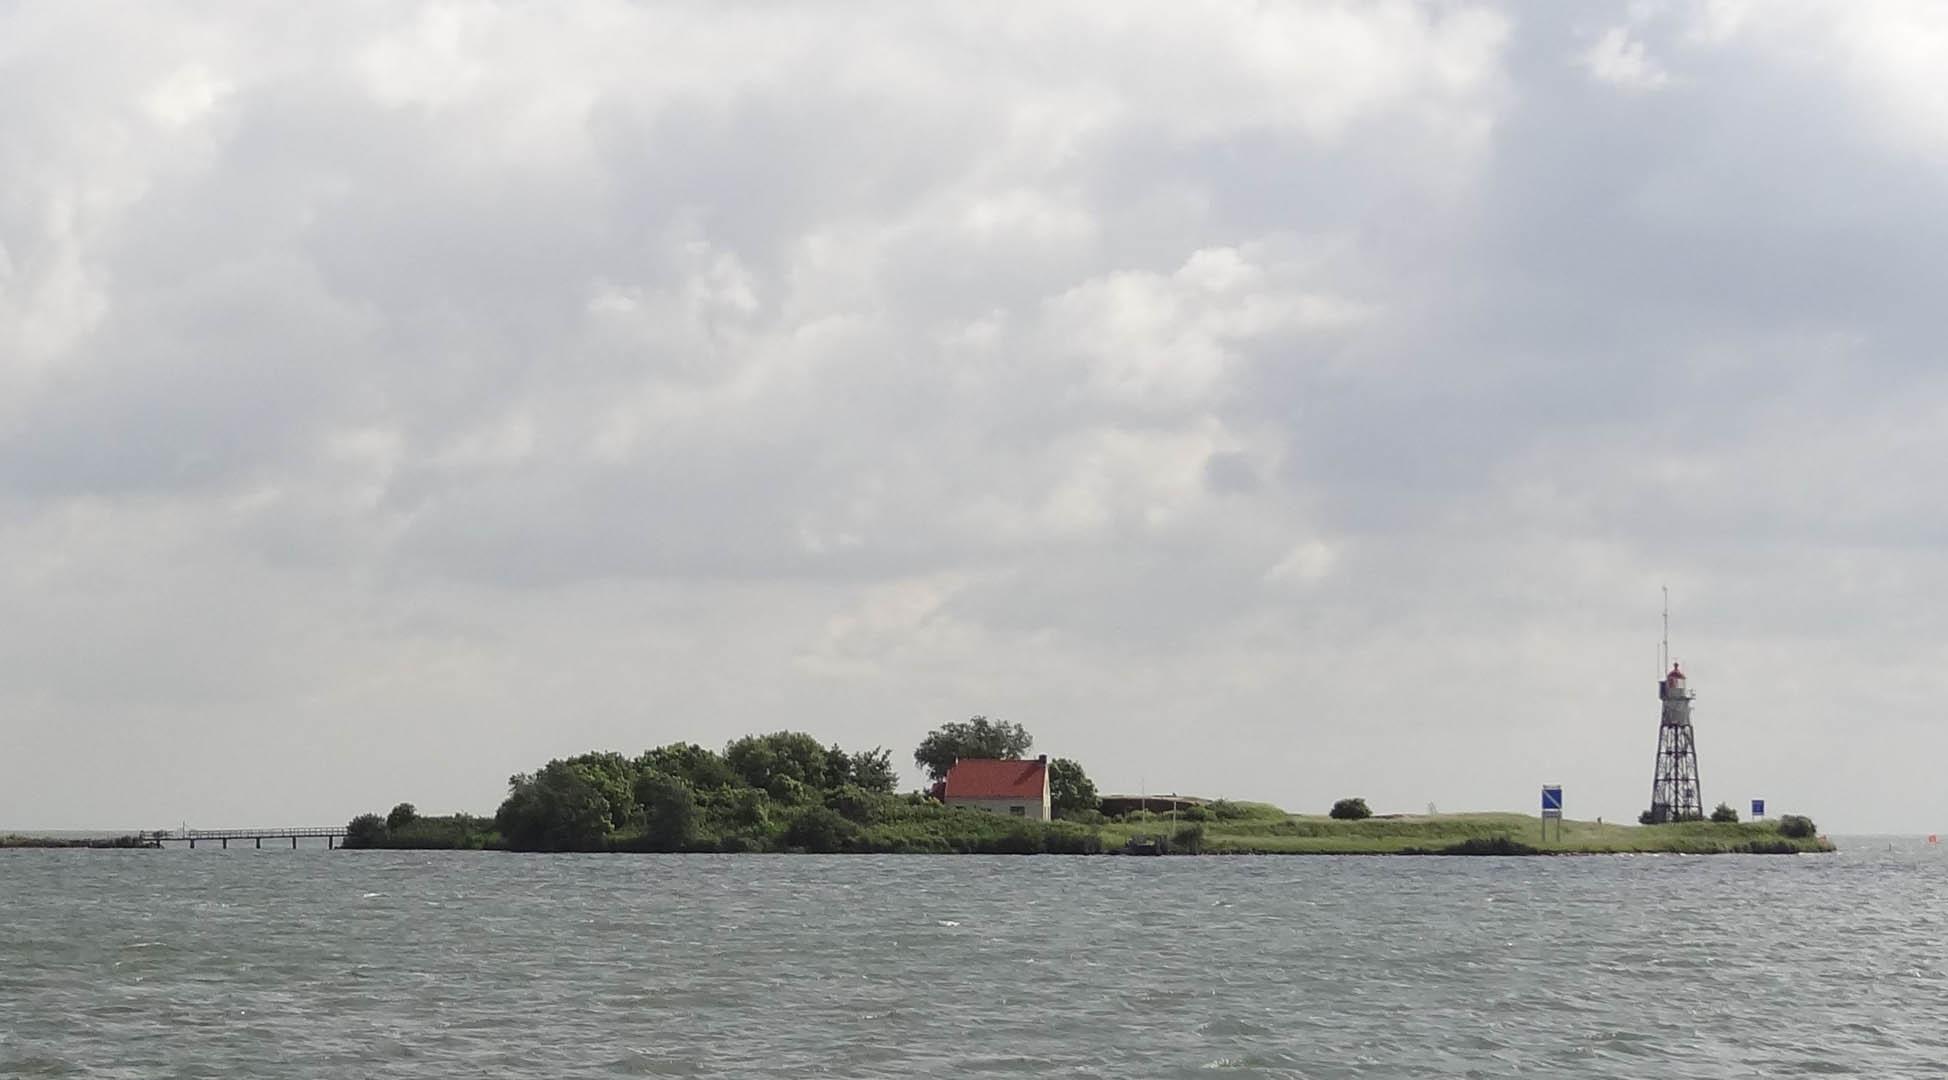 Insel nordöstlich von Durgerdam